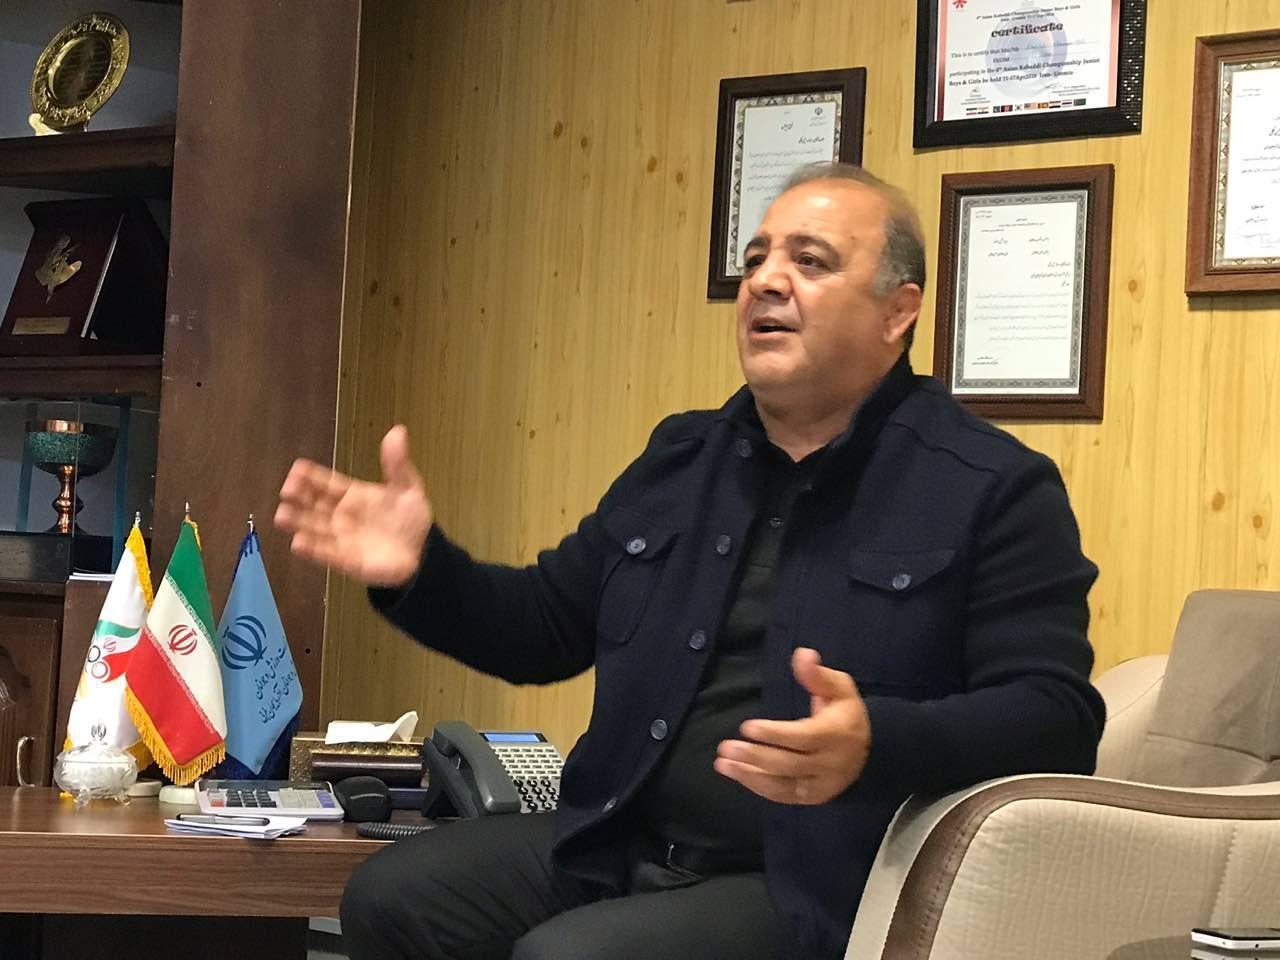 افتتاح ۶ طرح ورزشی با حضور وزیر ورزش و جوانان در آذربایجان غربی